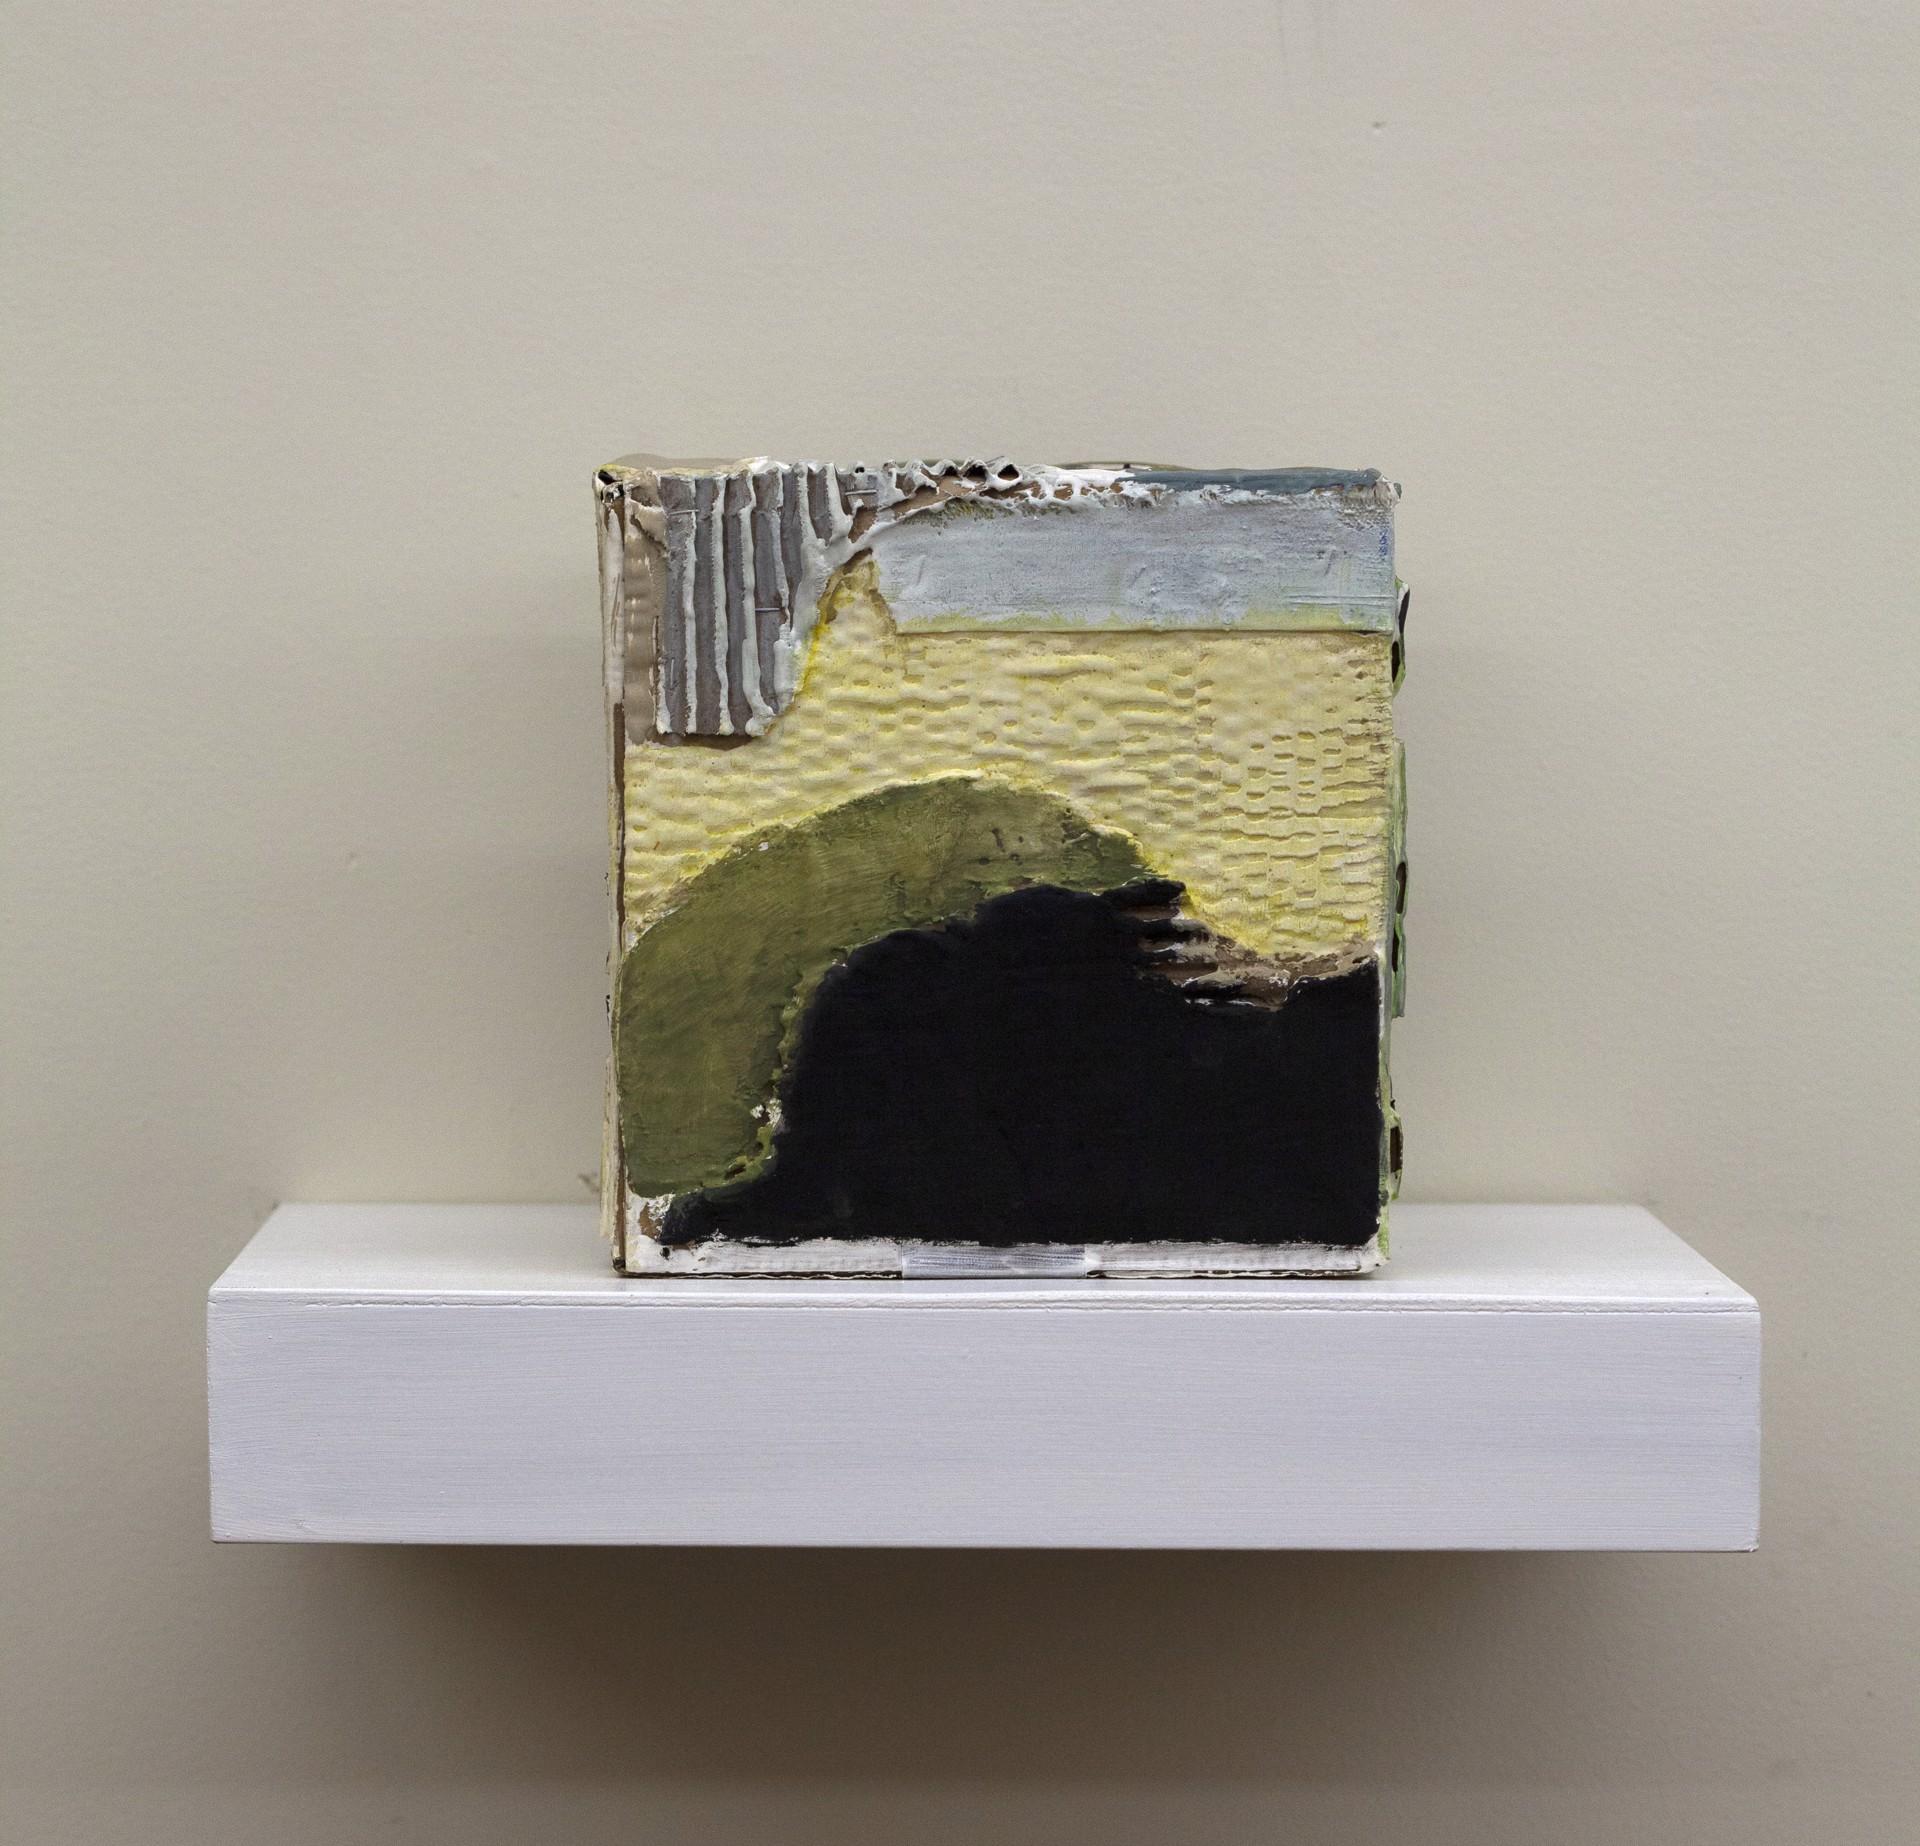 Box 4 by John McCaw